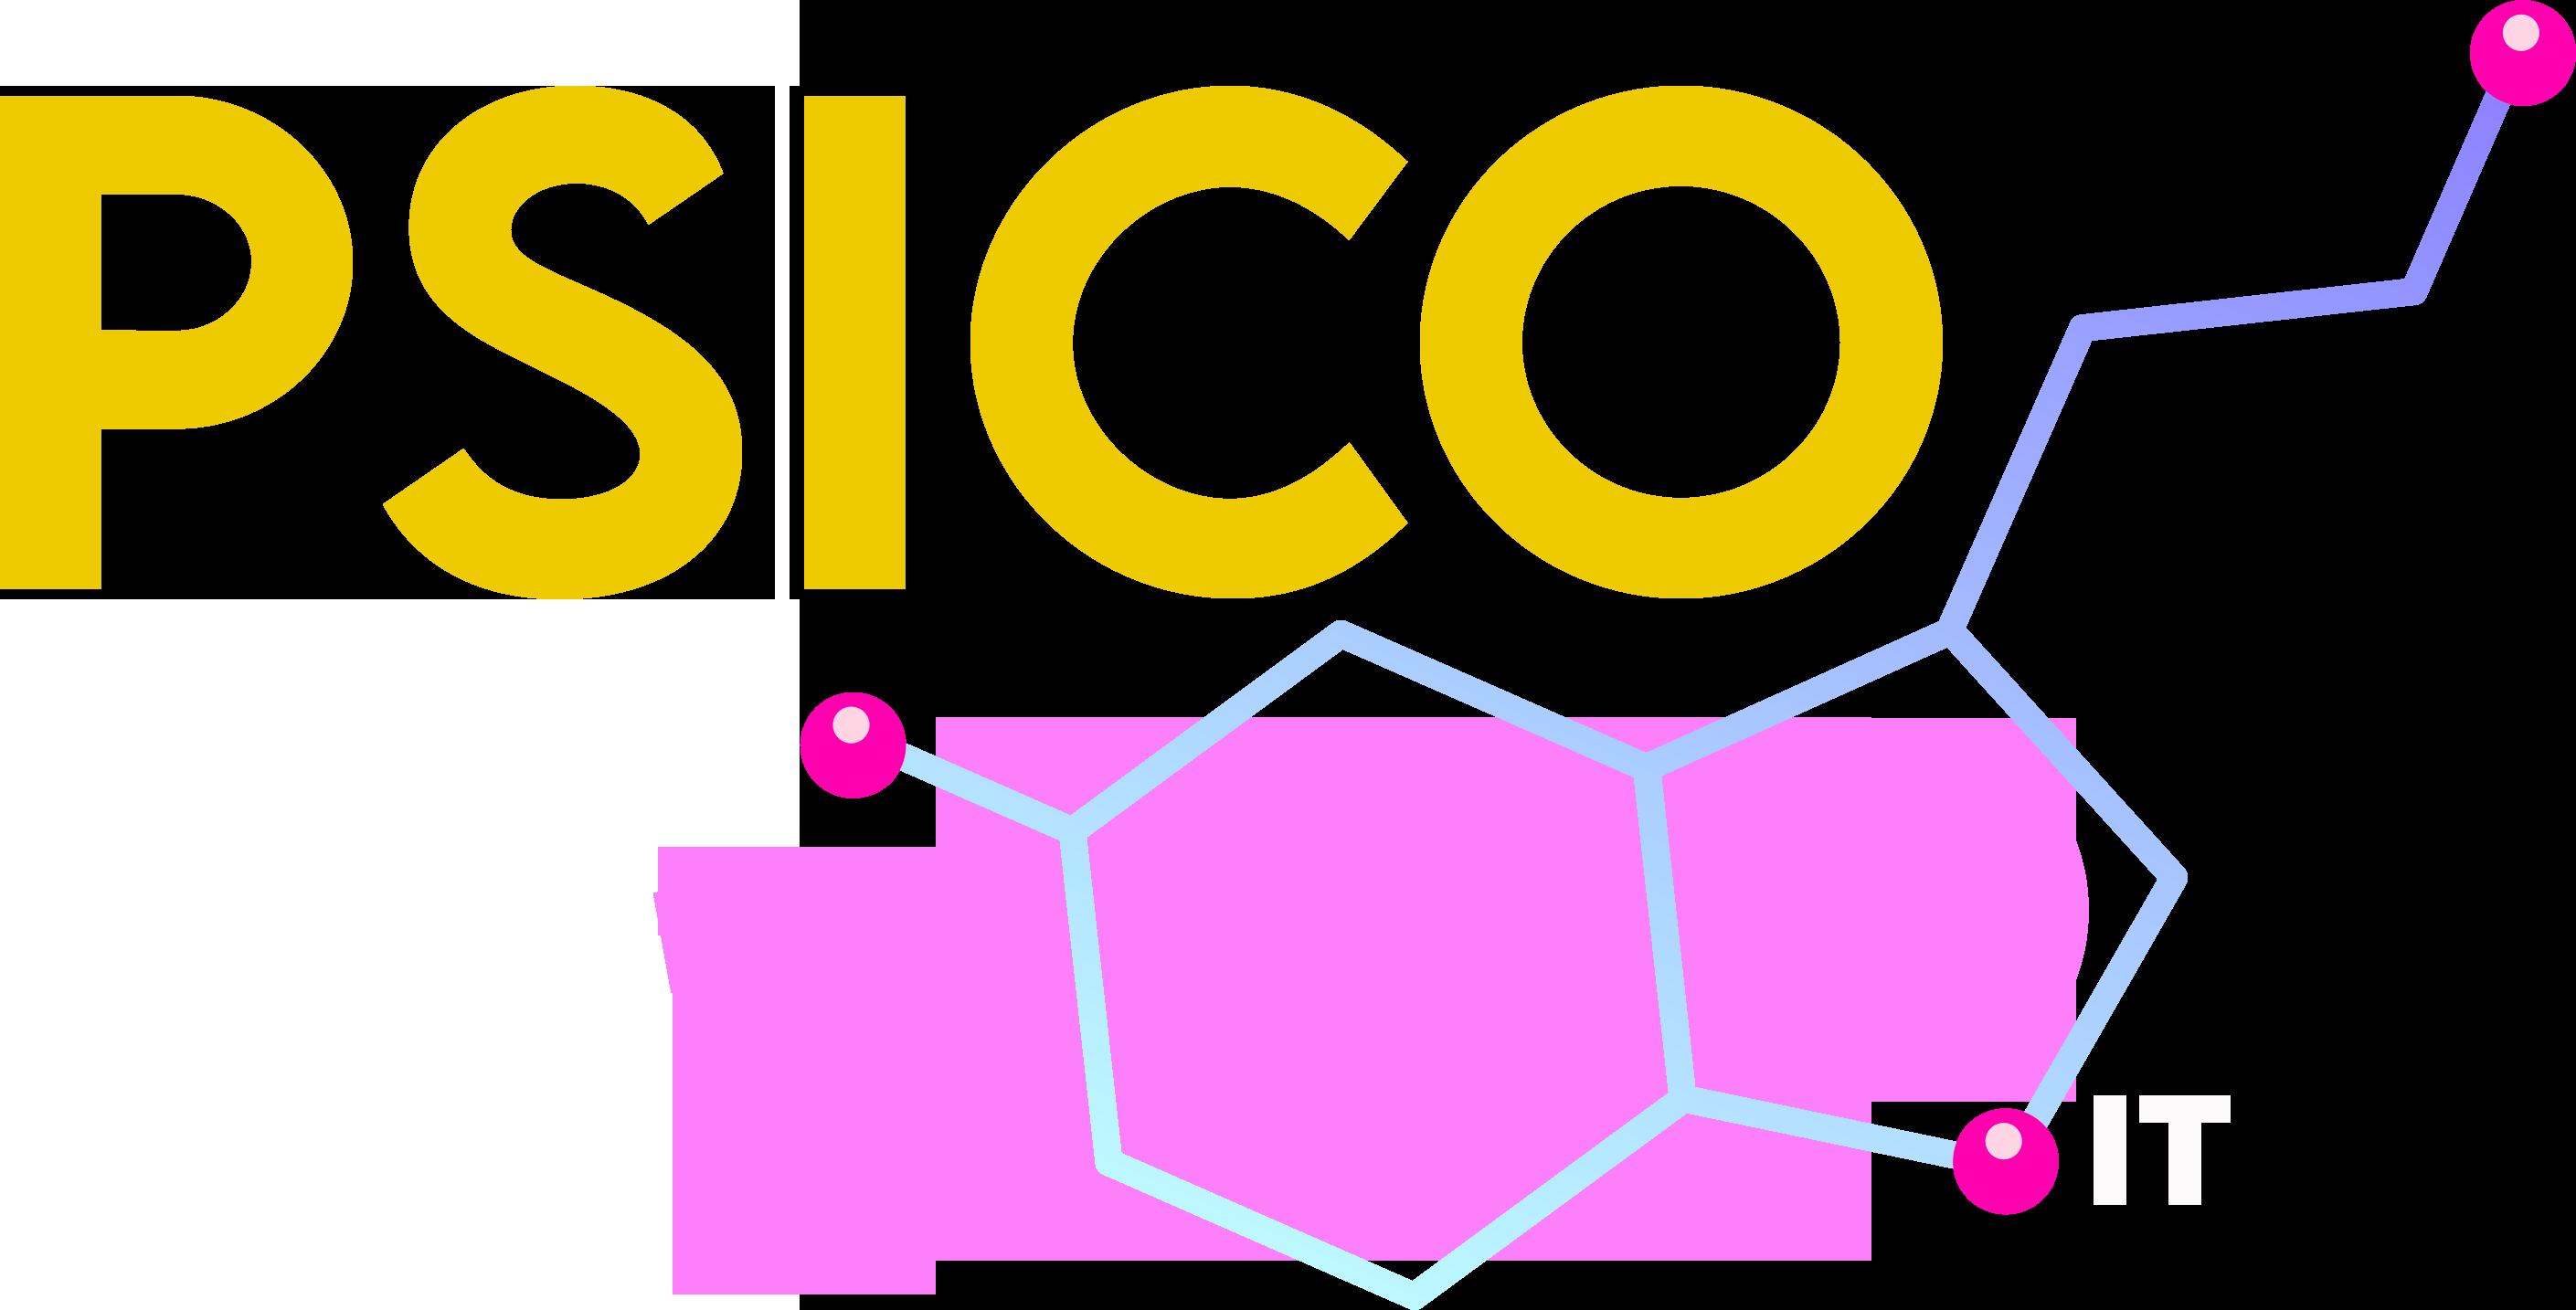 PsicoZoo